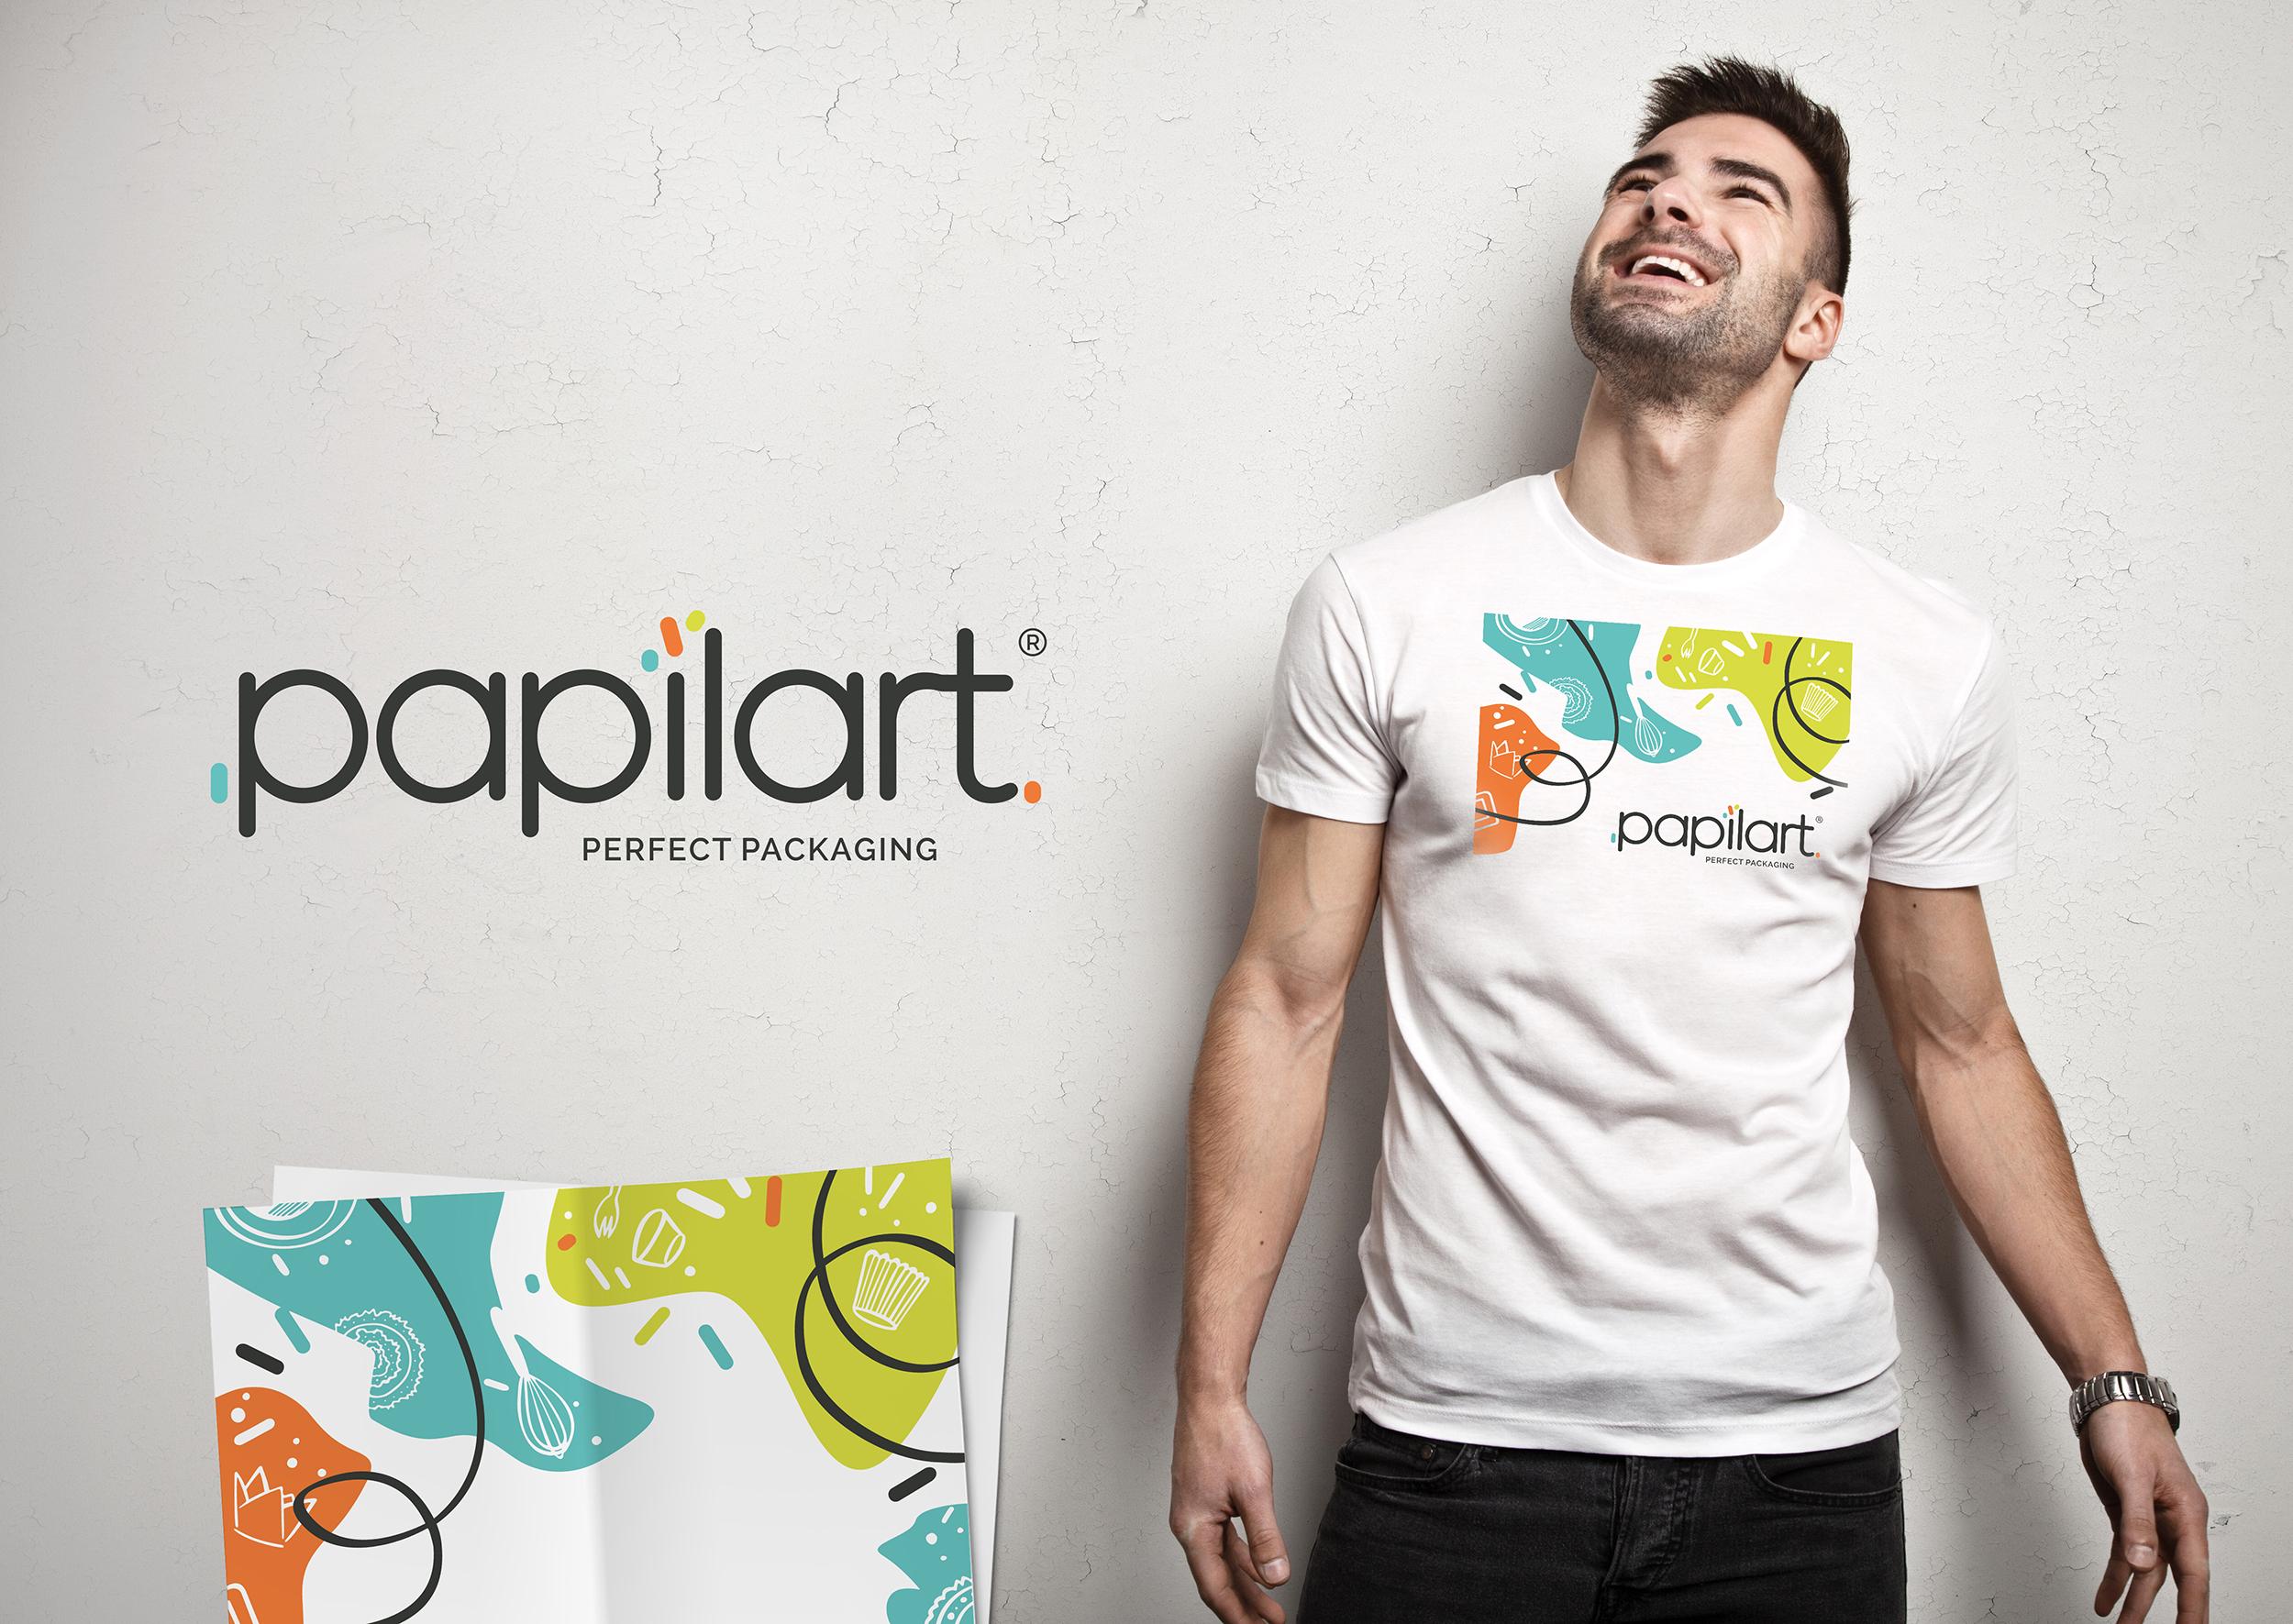 Papilart - rebranding